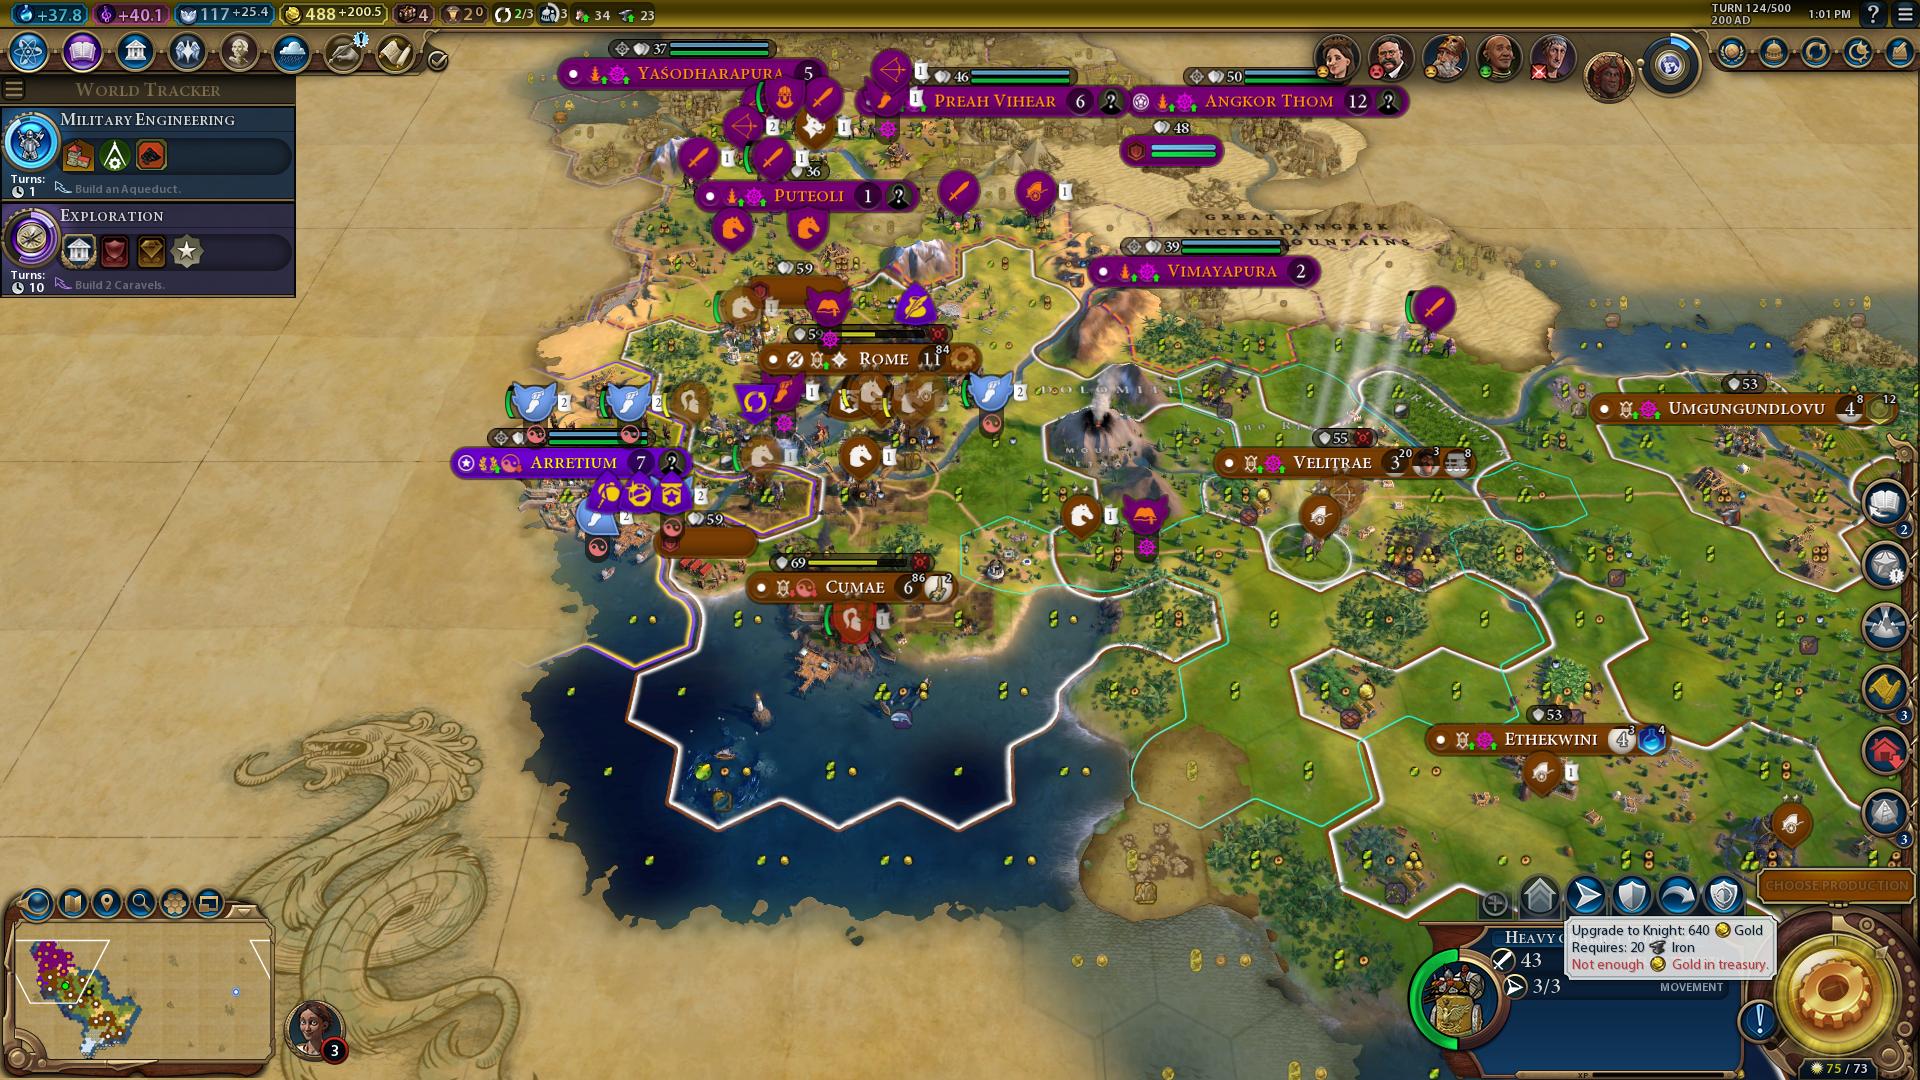 Sid Meier's Civilization VI (DX11) 4_7_2019 1_01_02 PM.png